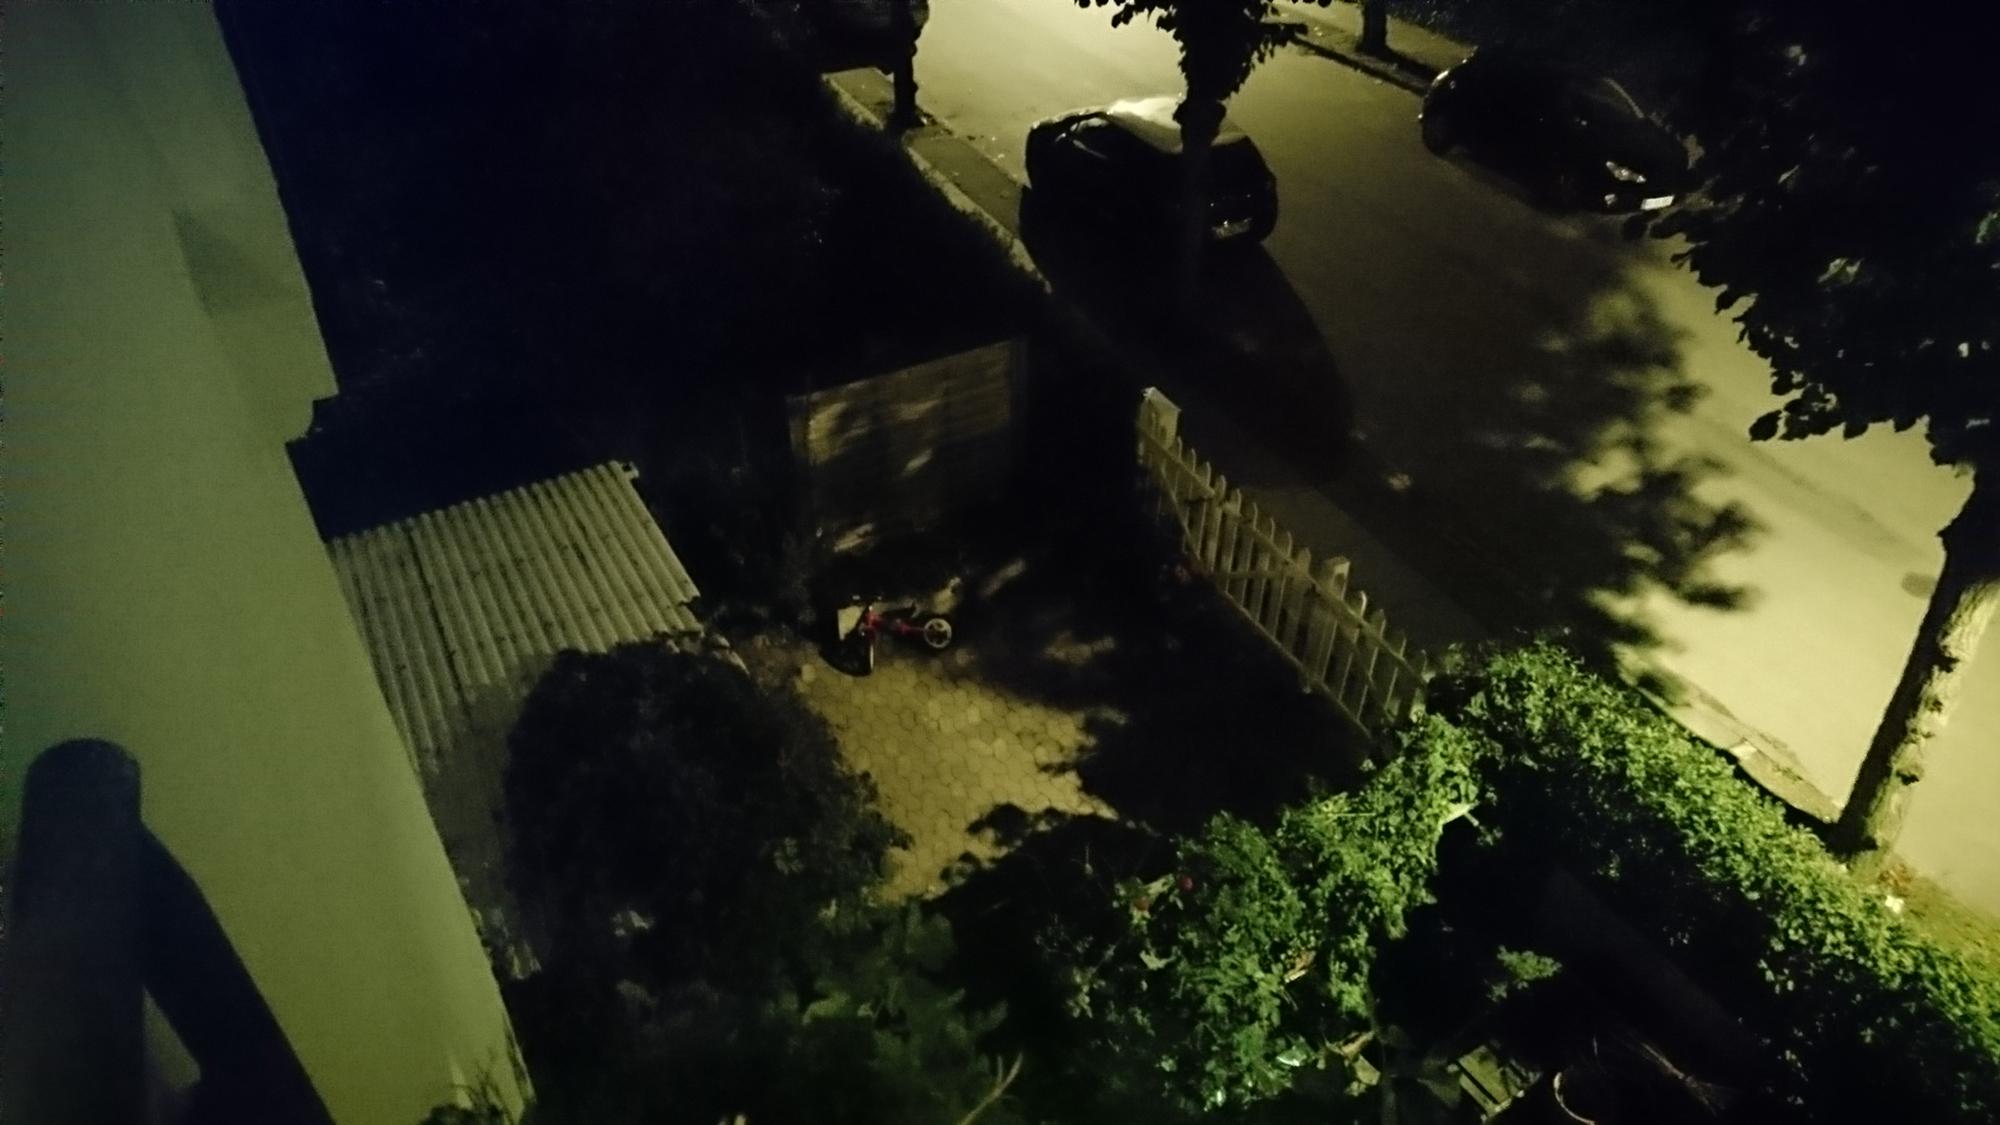 Sony Xperia Z5: Billede taget udendørs i mørke uden brug af fotolys.